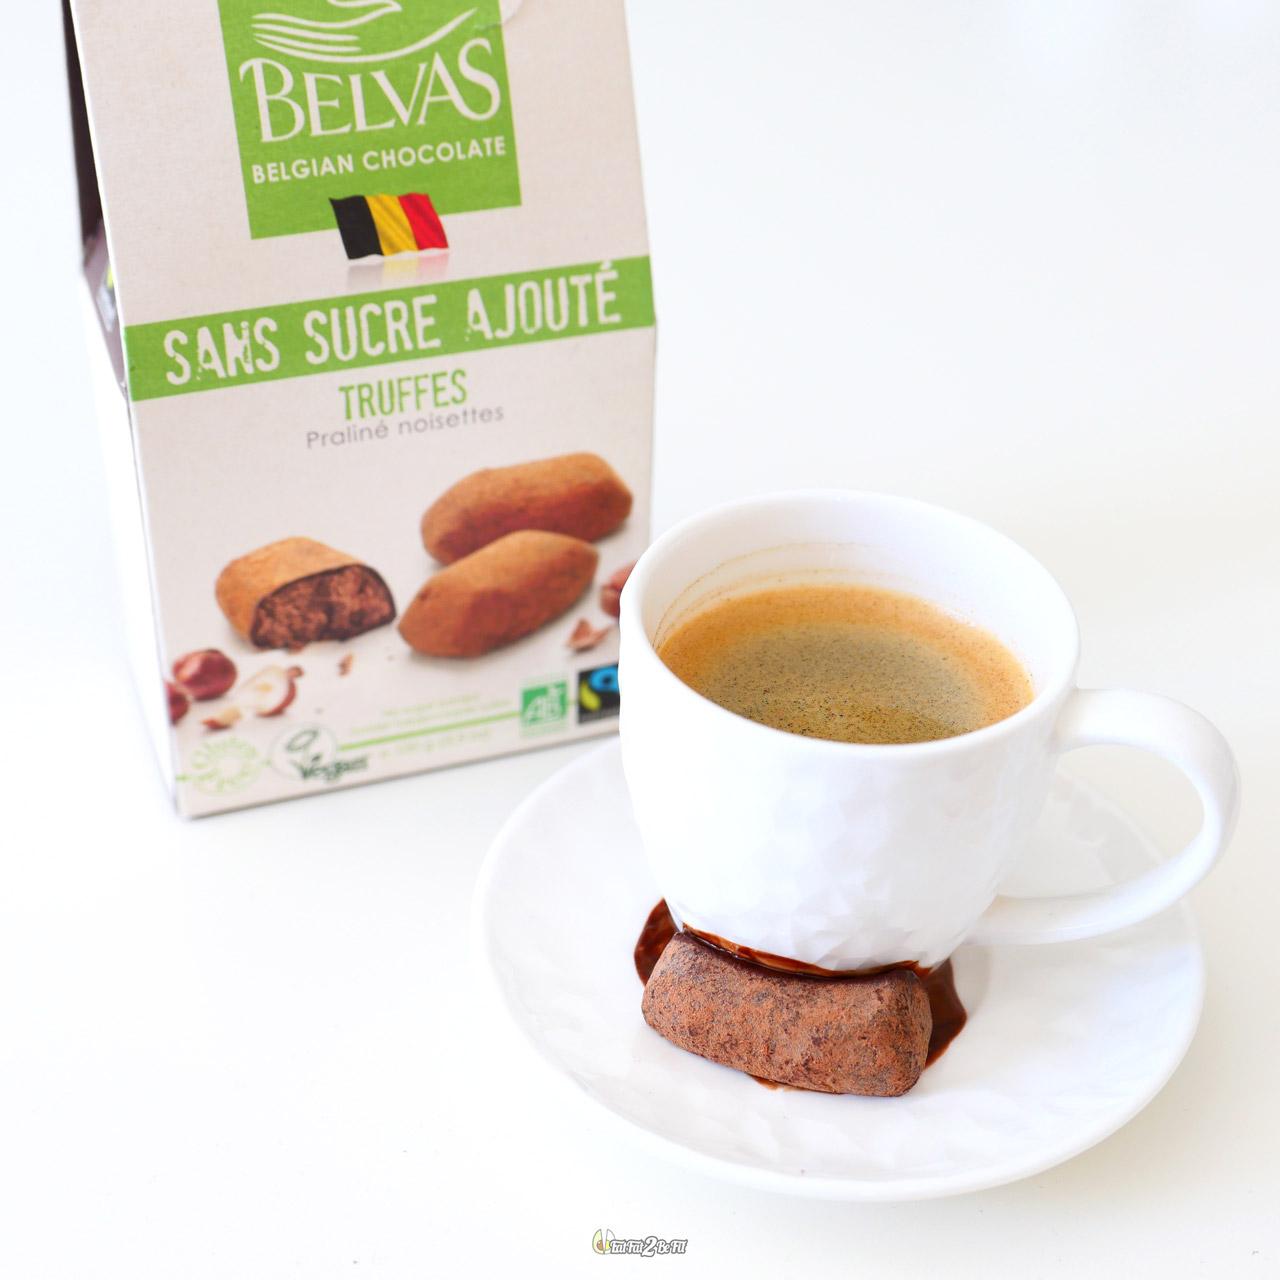 régime chocolat: truffes au praliné belvas